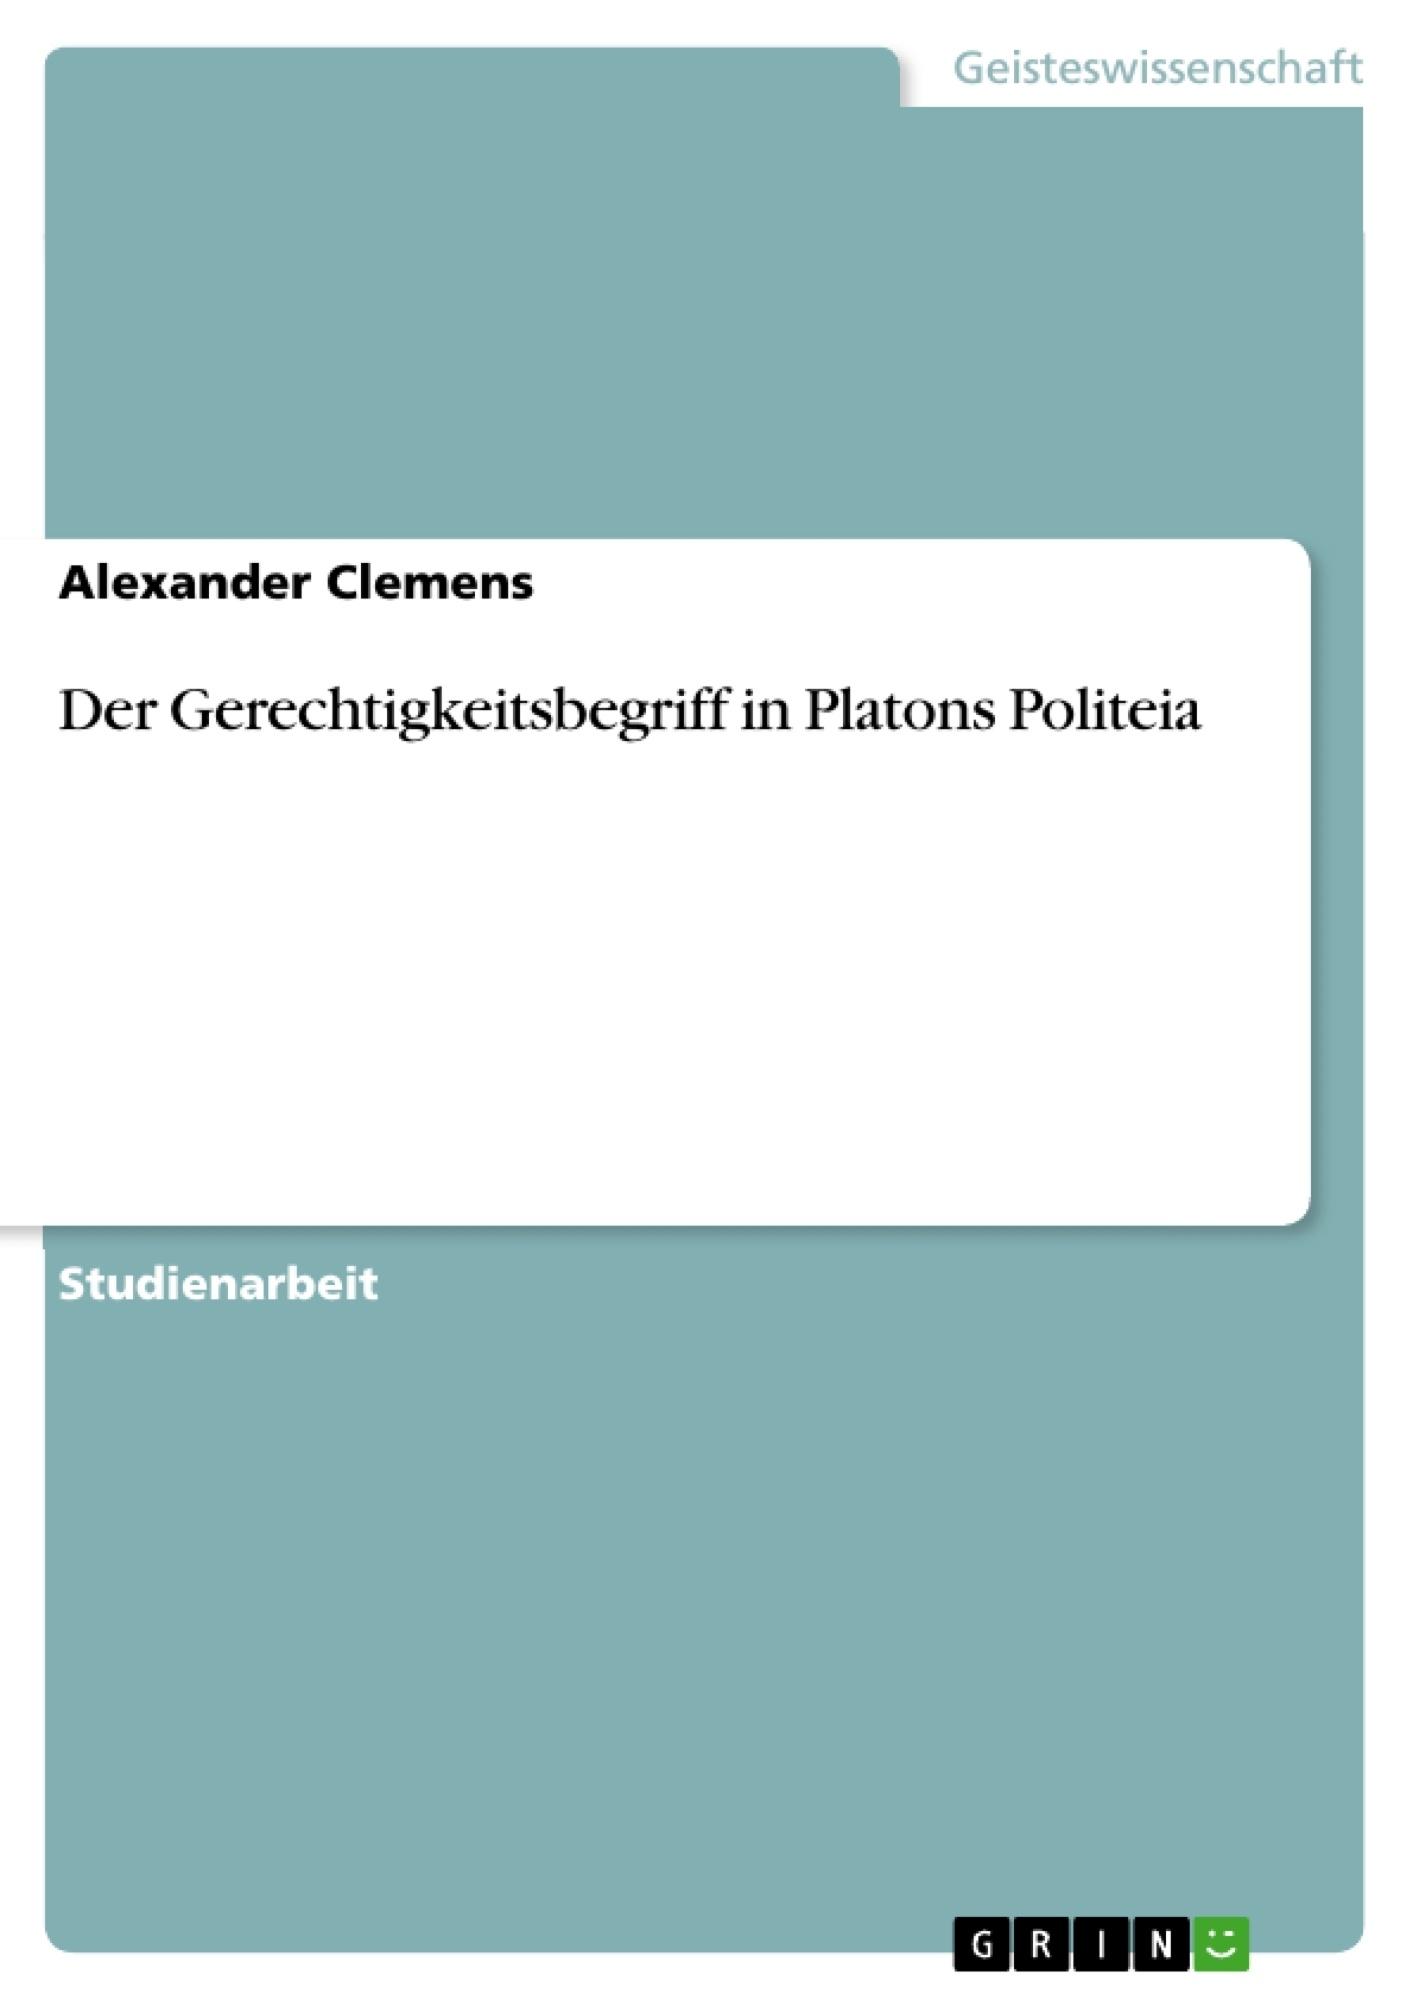 Titel: Der Gerechtigkeitsbegriff in Platons Politeia